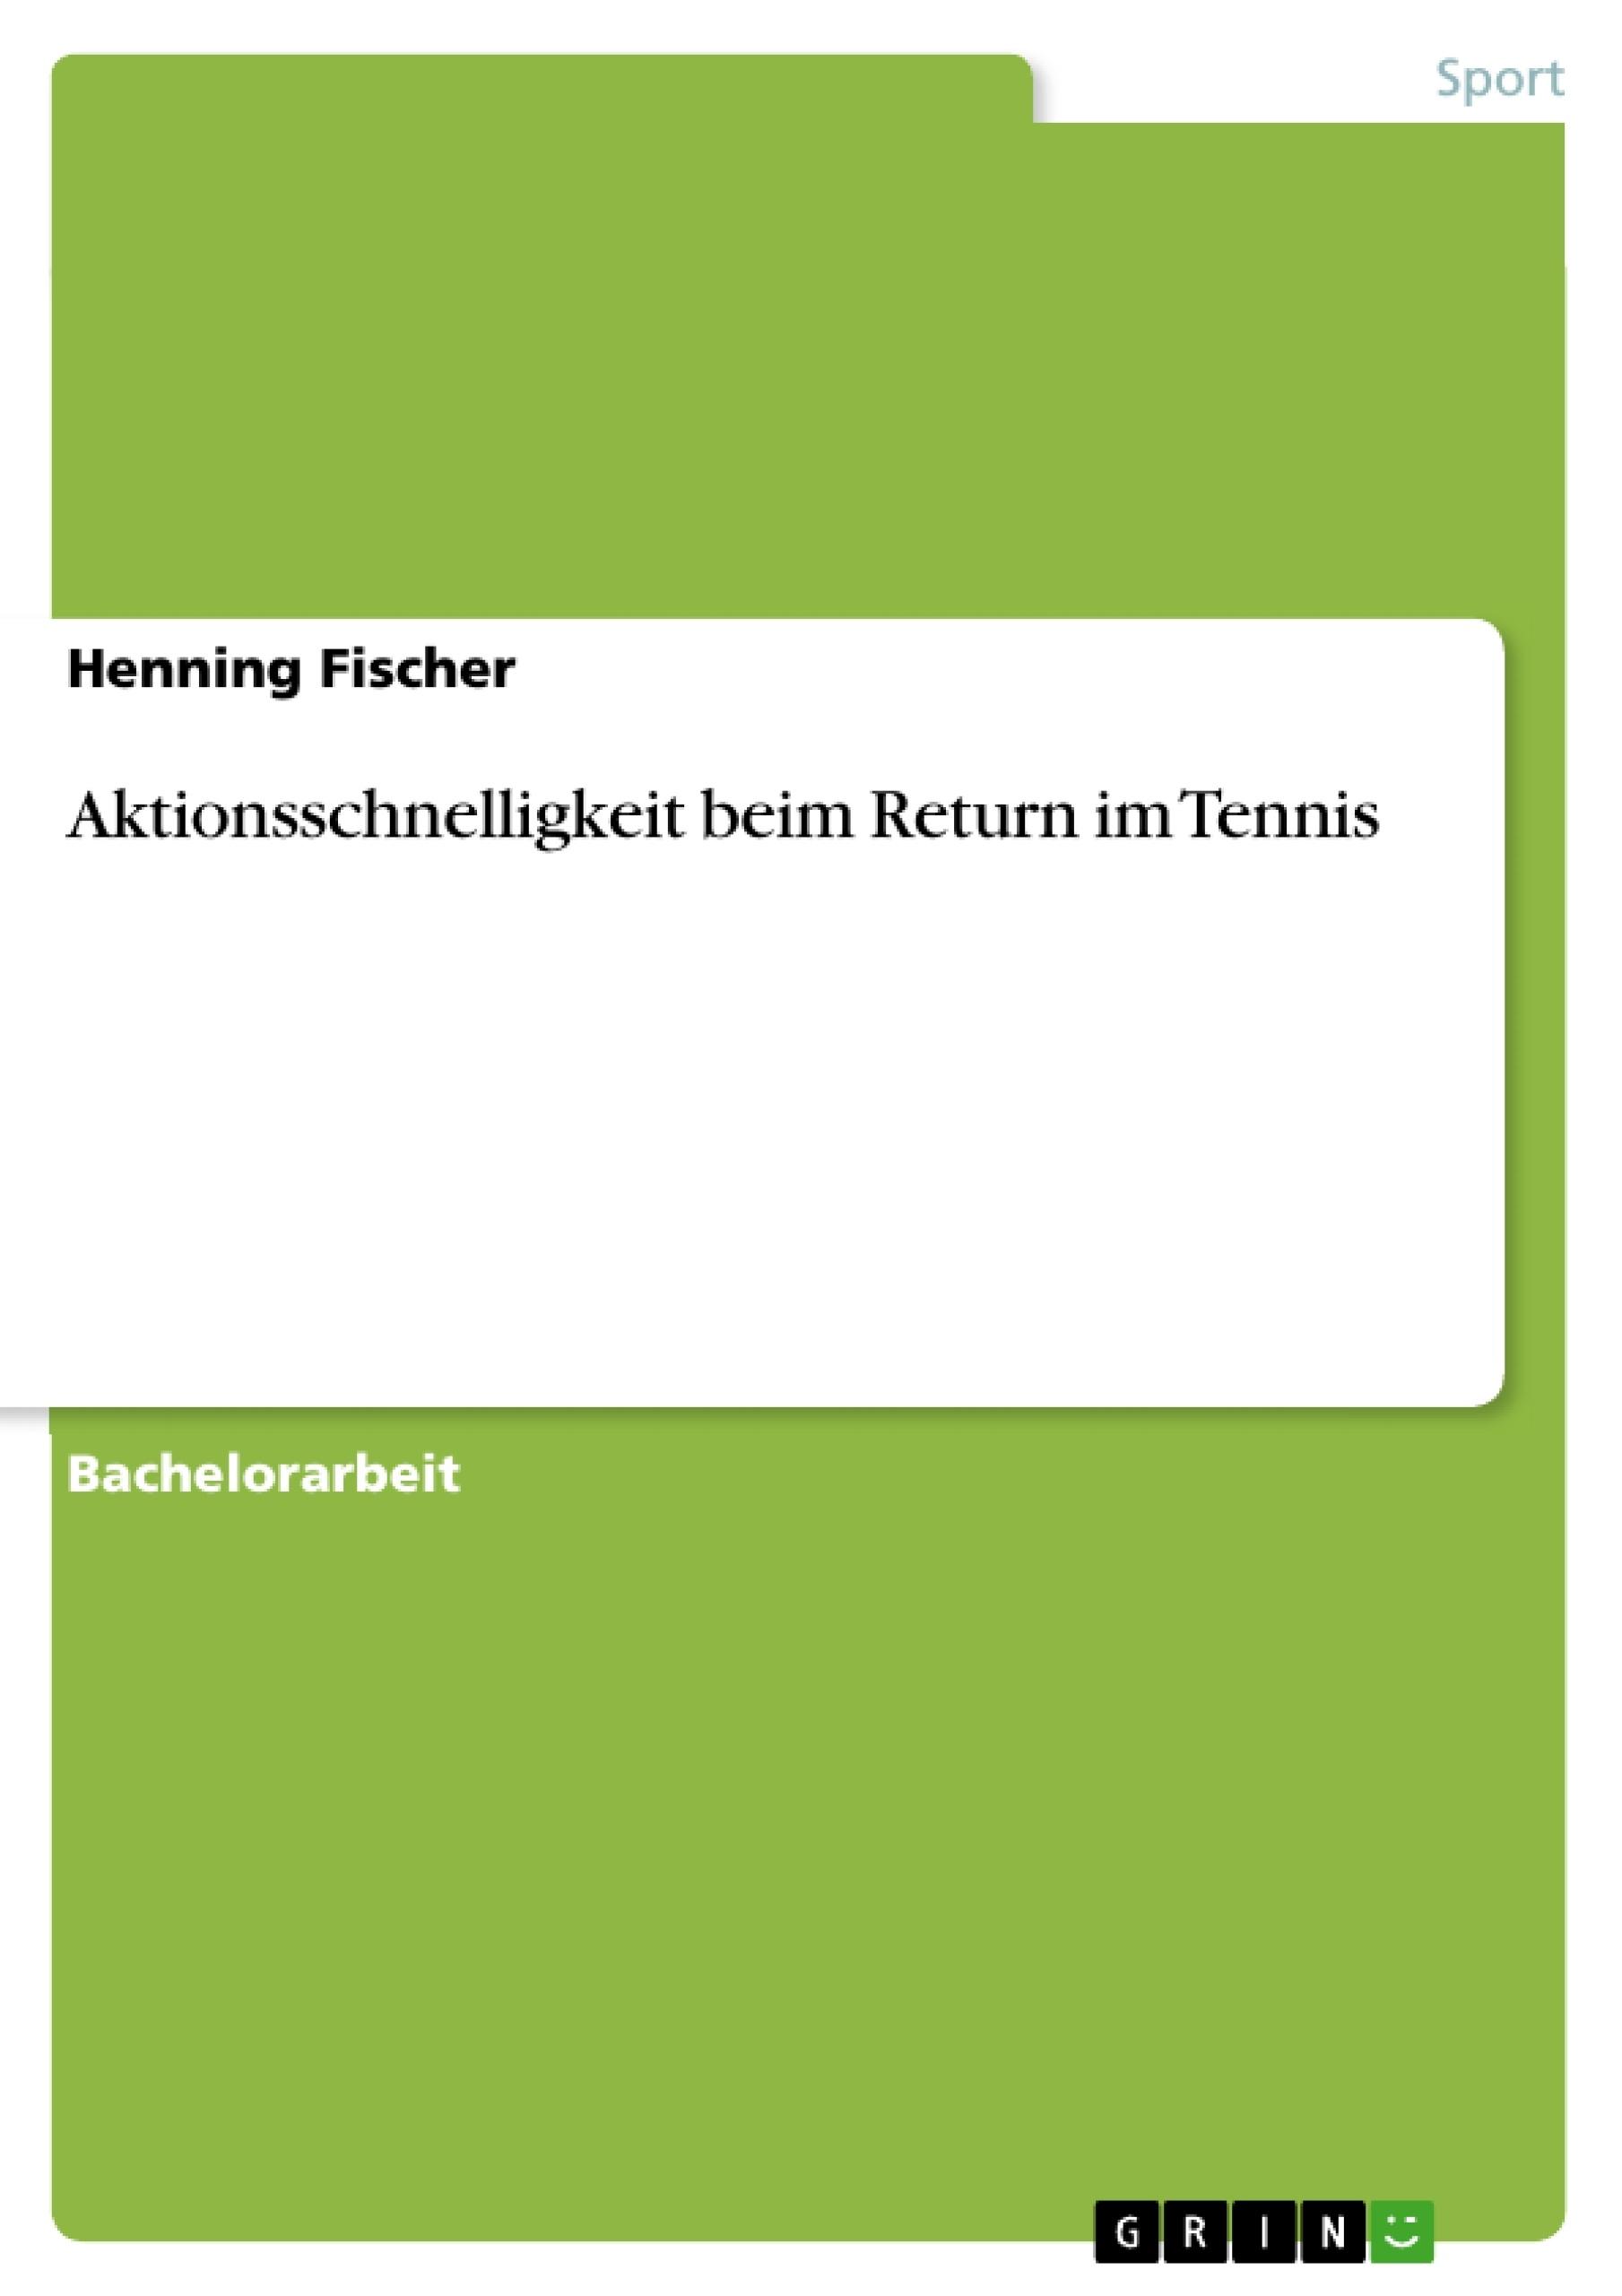 Titel: Aktionsschnelligkeit beim Return im Tennis